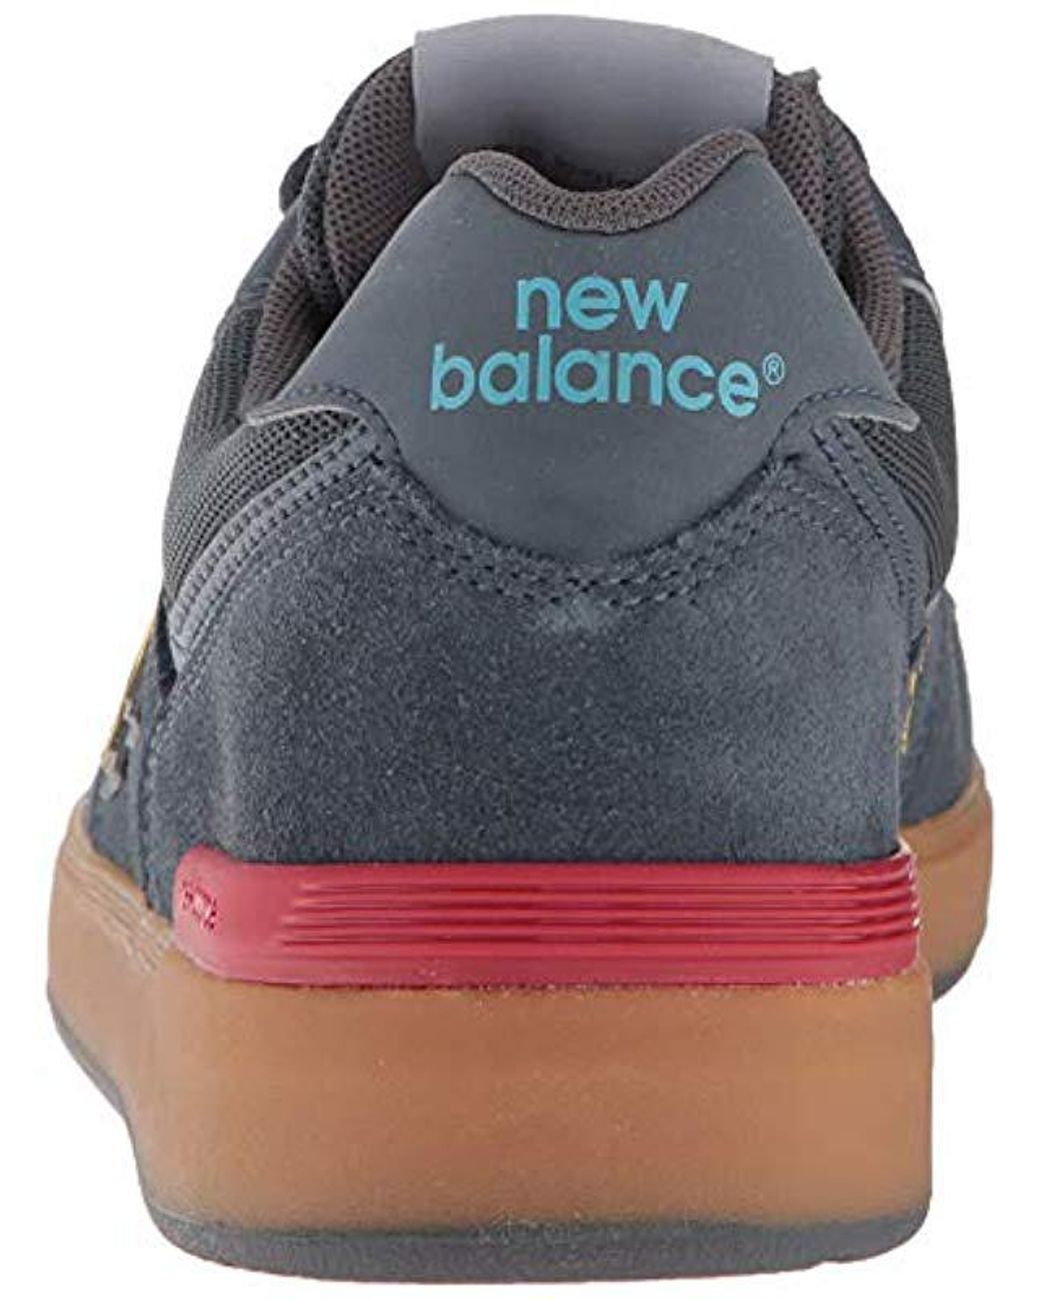 New Balance Mens 659v1 All Coast Skate